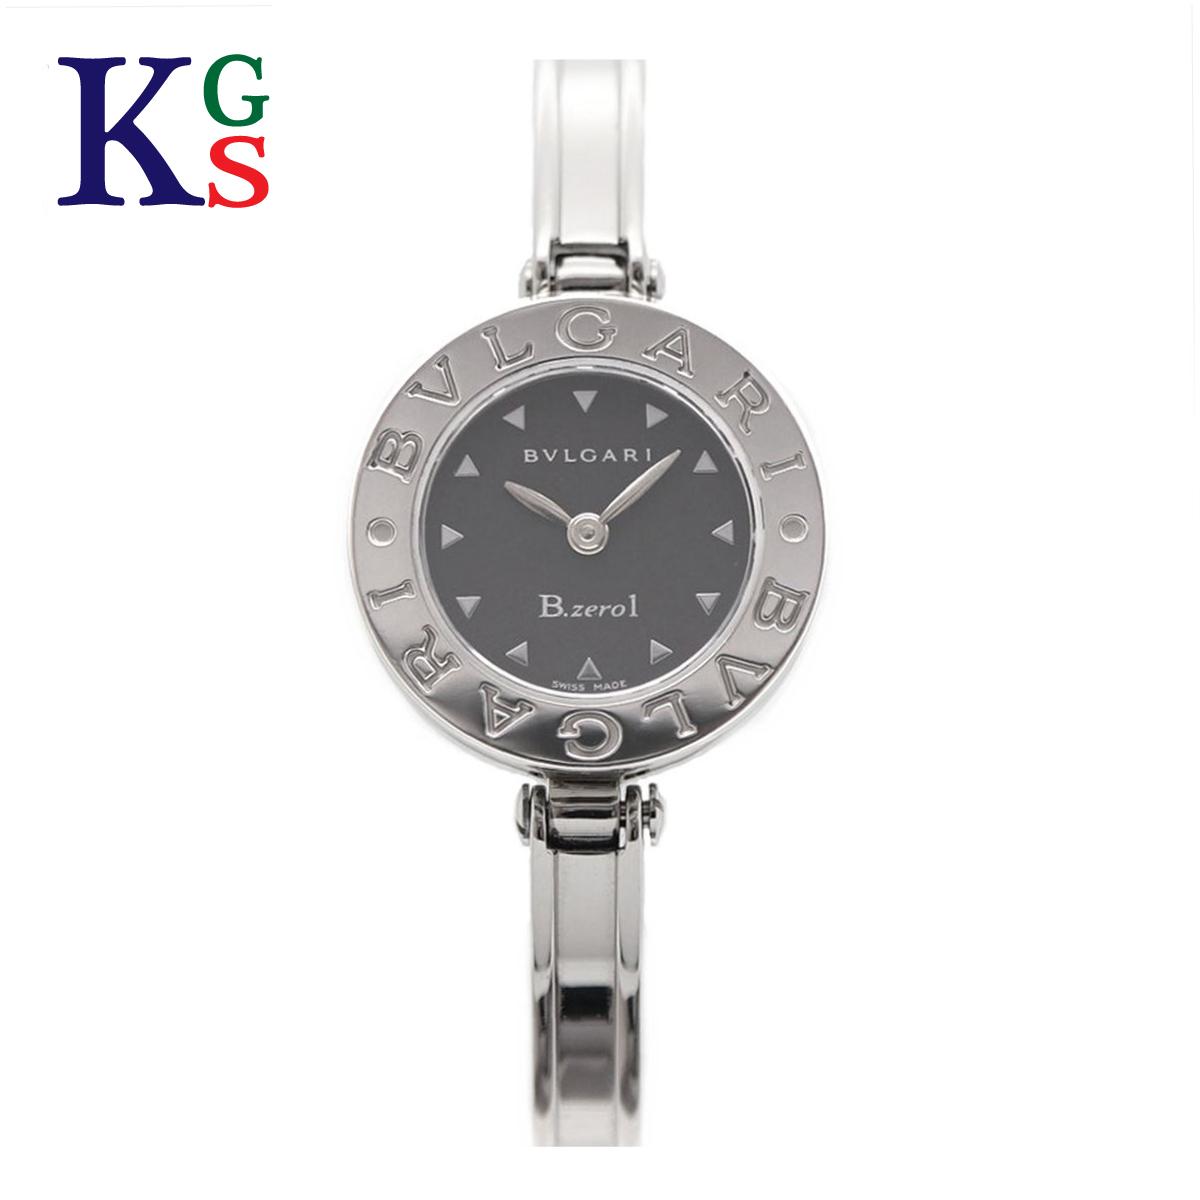 【ギフト品質】ブルガリ/BVLGARI レディース 腕時計 B.zero1 ビーゼロワン バングルウォッチ 黒文字盤 ステンレススチール クオーツ BZ22BSS